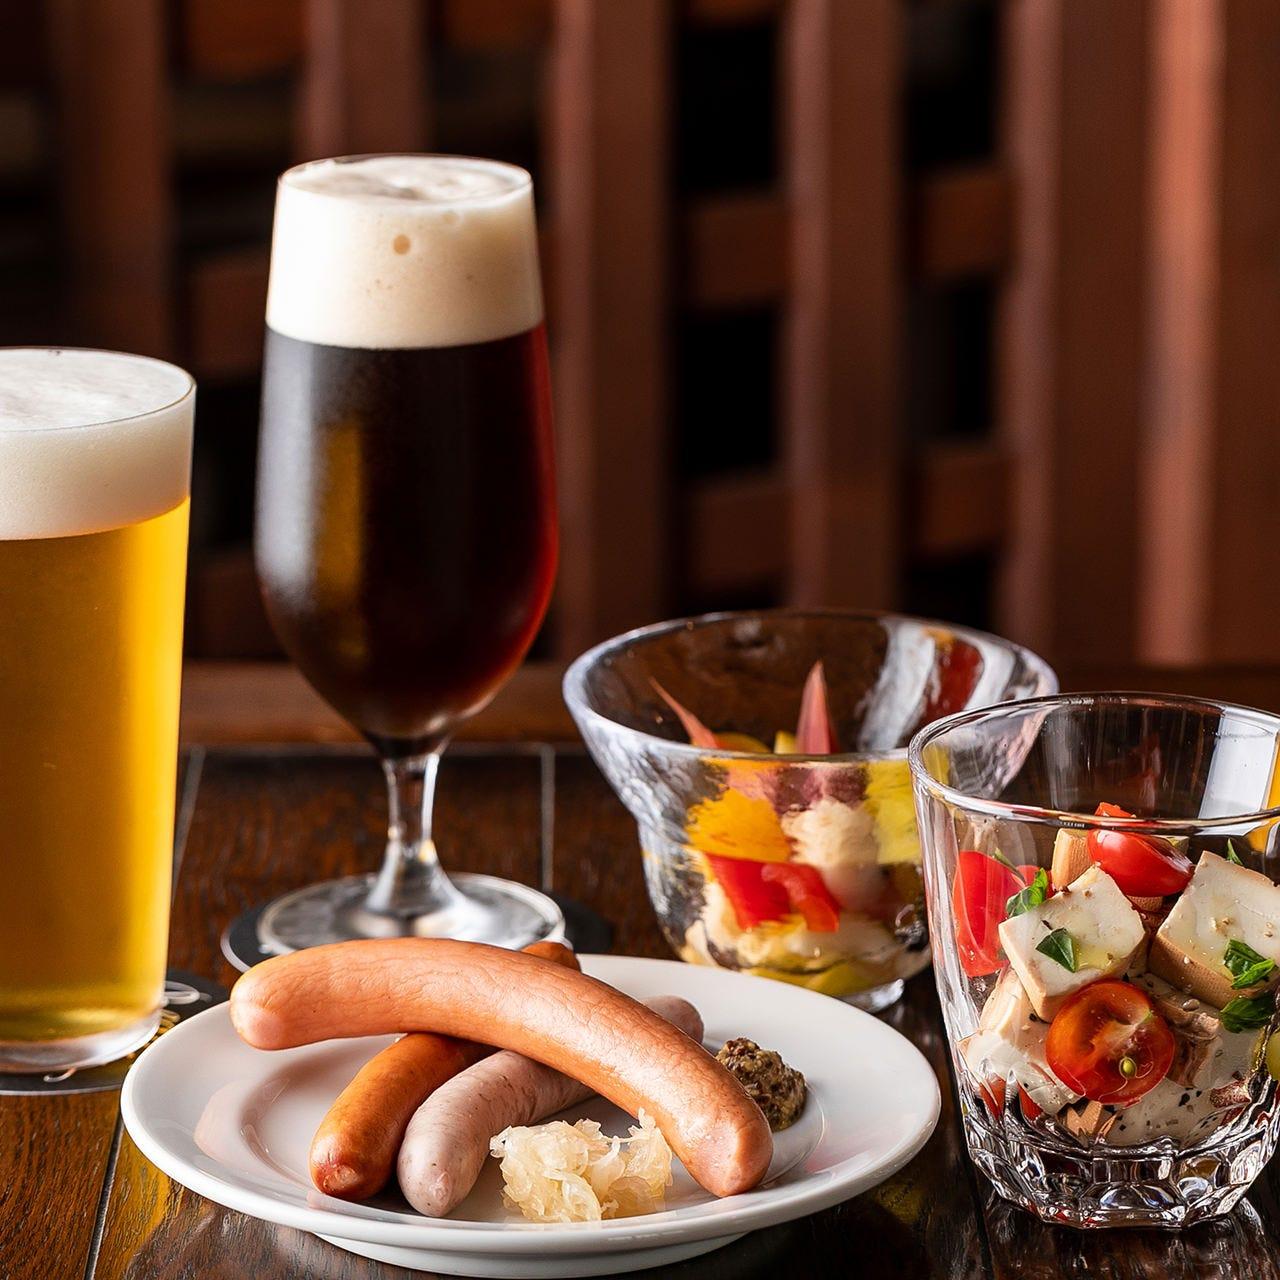 COEDOビールとのマリアージュをお楽しみください。